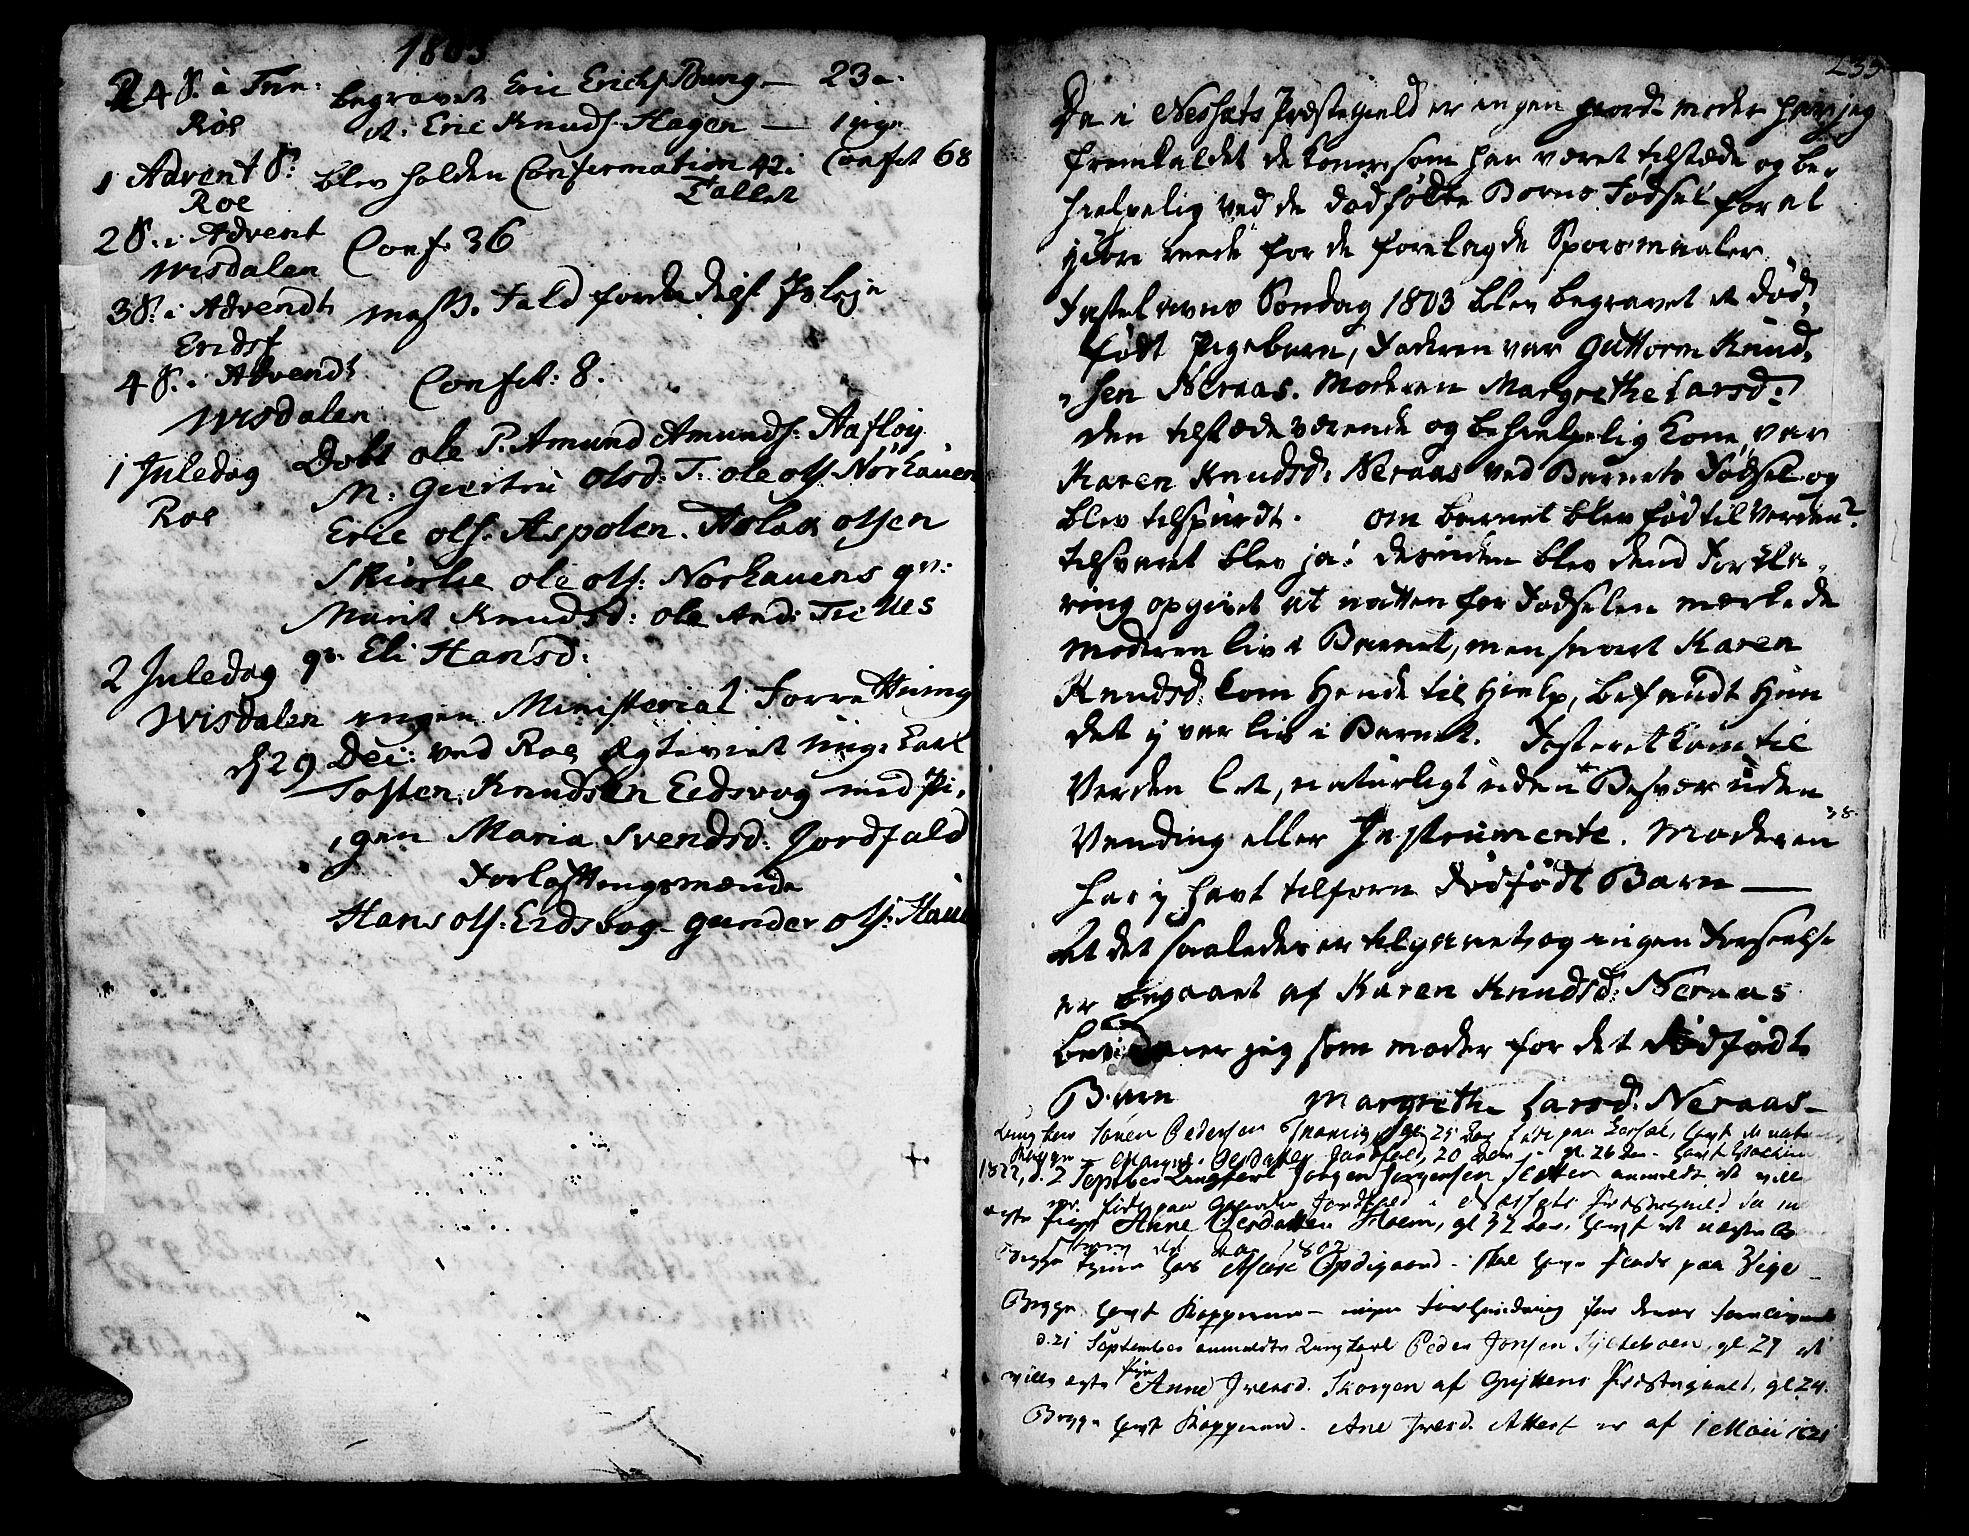 SAT, Ministerialprotokoller, klokkerbøker og fødselsregistre - Møre og Romsdal, 551/L0621: Ministerialbok nr. 551A01, 1757-1803, s. 235